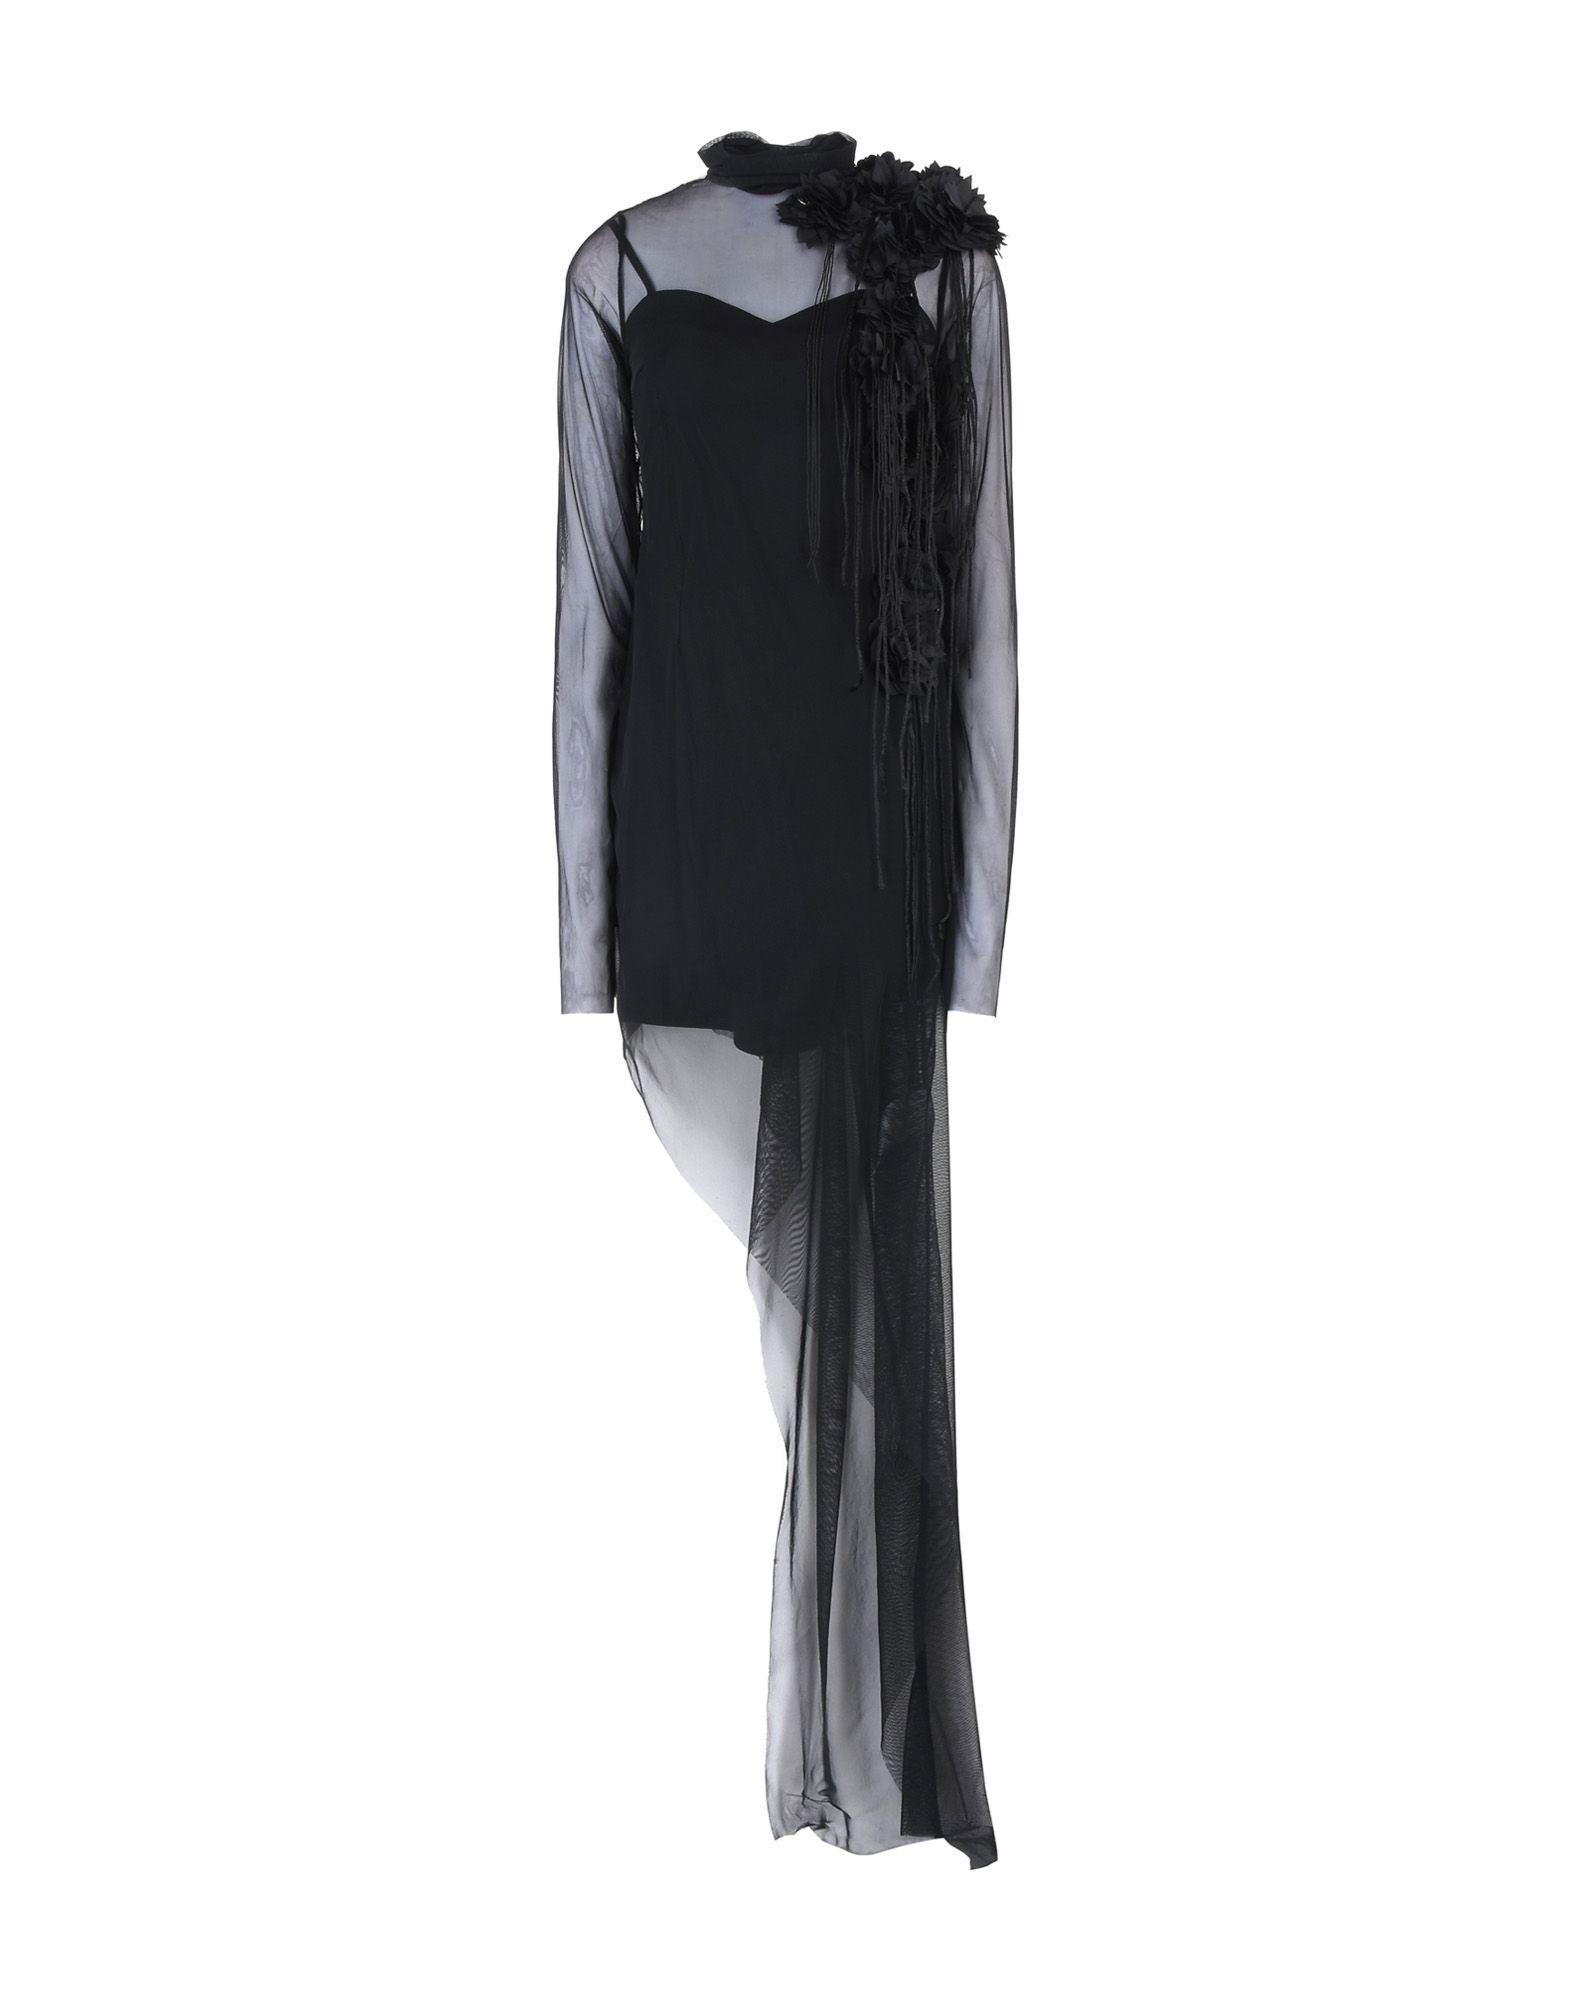 《送料無料》MANGANO レディース ミニワンピース&ドレス ブラック 38 ナイロン 100%